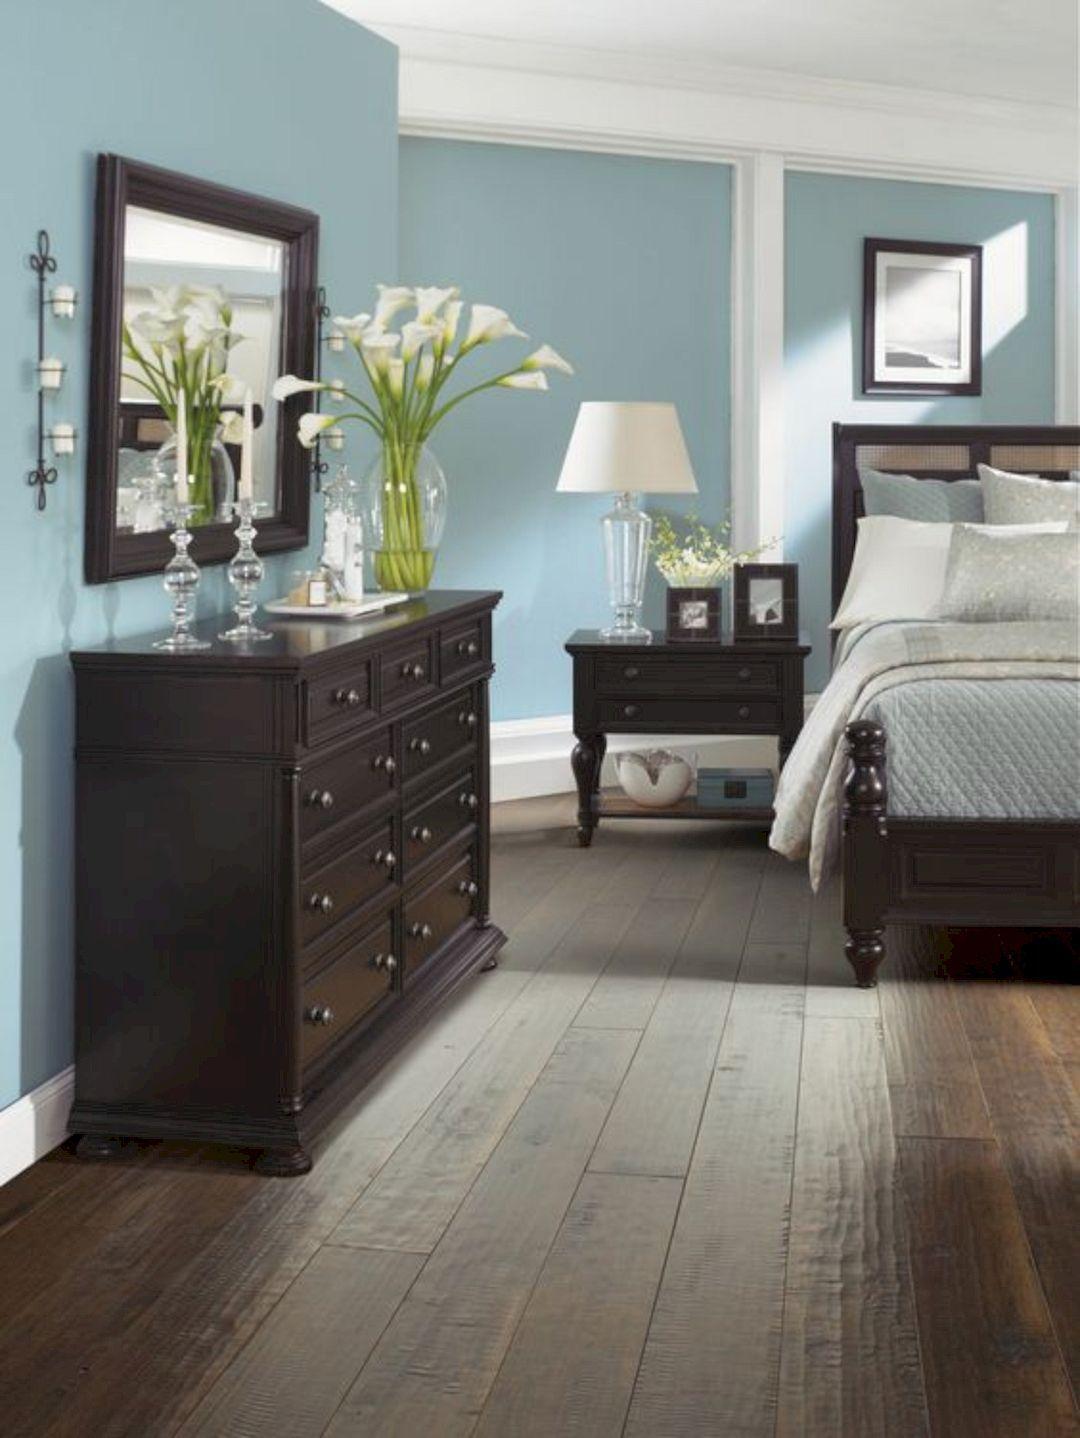 13 Top Brown Furniture Bedroom Ideas Brown Furniture Bedroom Small Master Bedroom Dark Bedroom Furniture